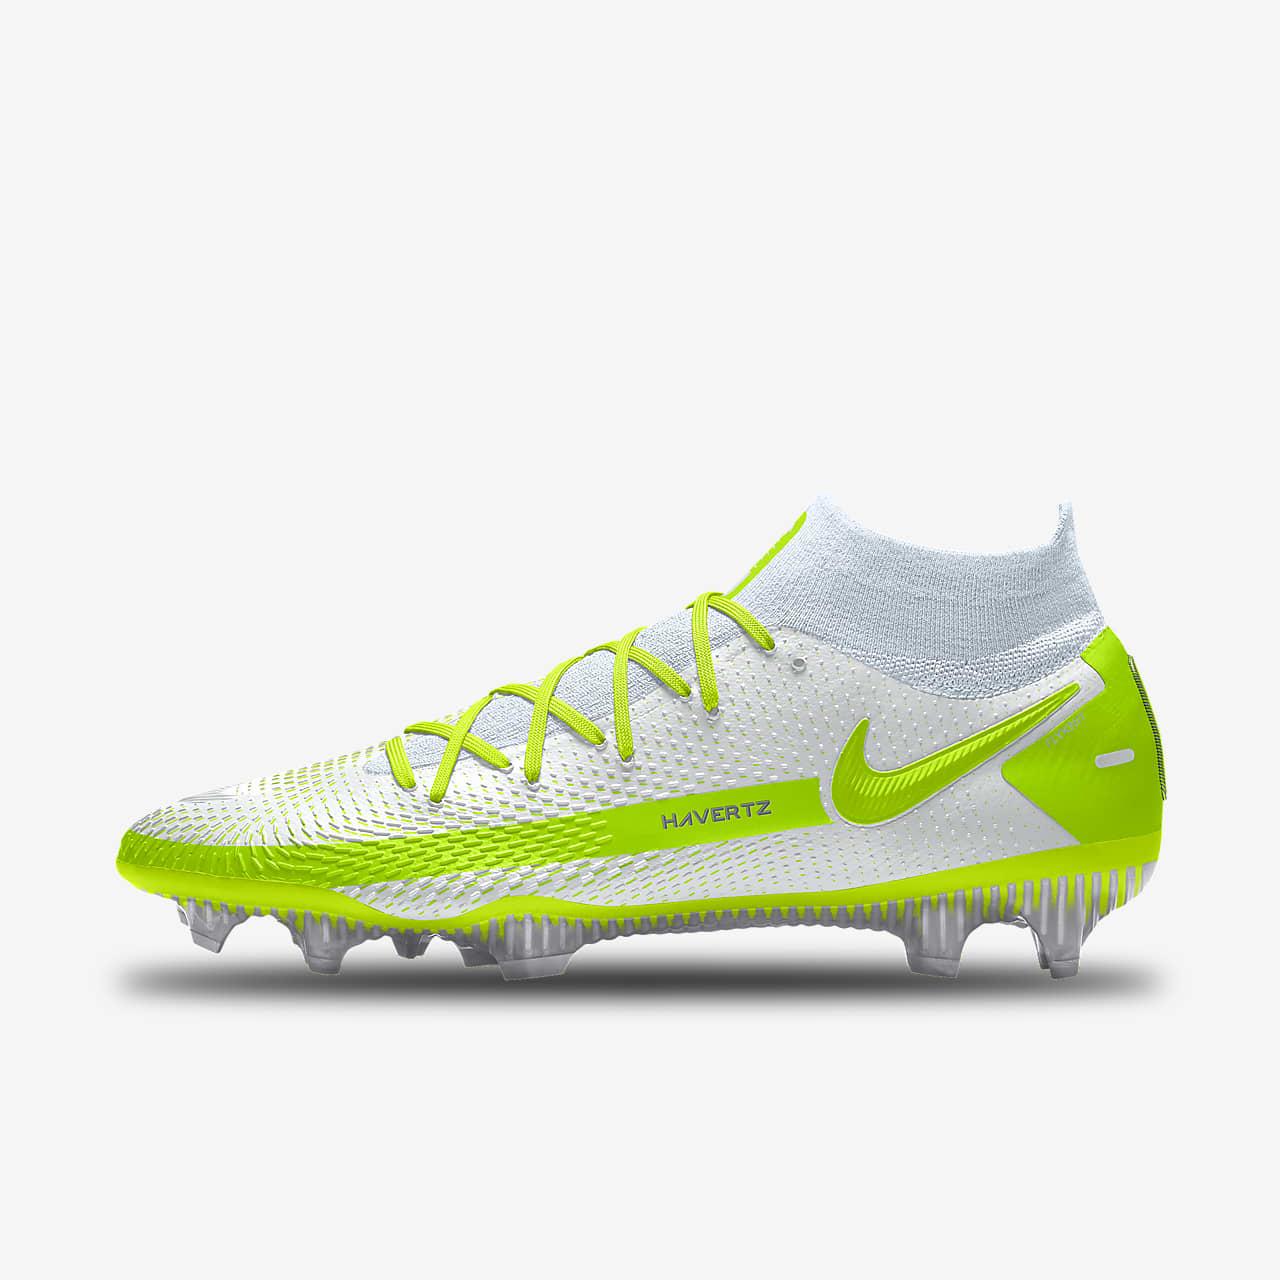 รองเท้าสตั๊ดฟุตบอลสำหรับพื้นสนามทั่วไปออกแบบเอง Nike Phantom GT Elite By You